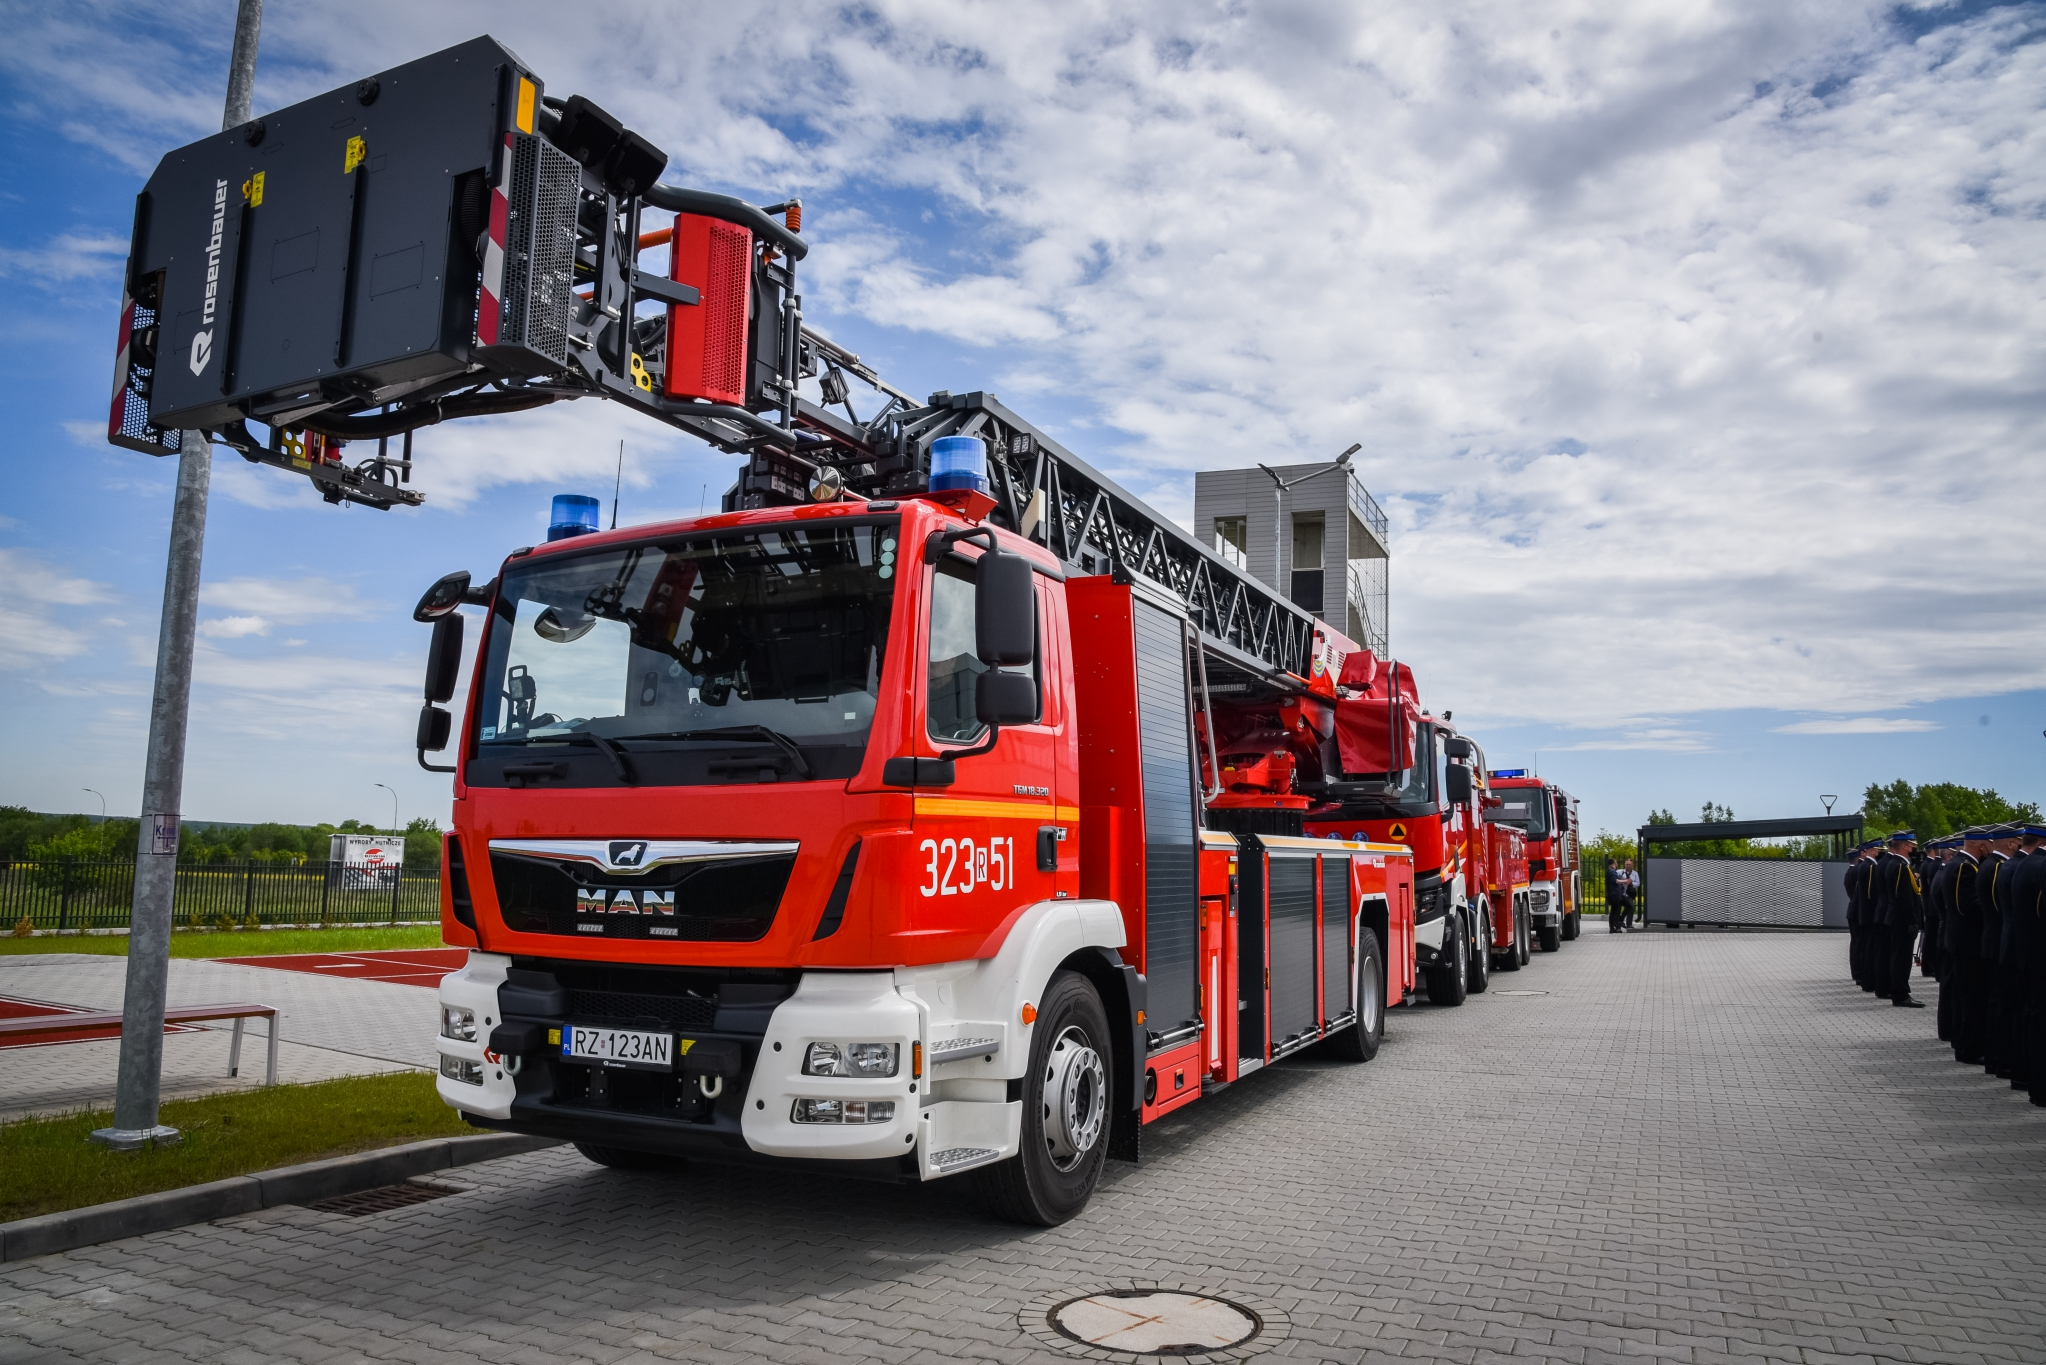 Na Dworzysku uroczyście otwarto nową jednostkę straży pożarnej